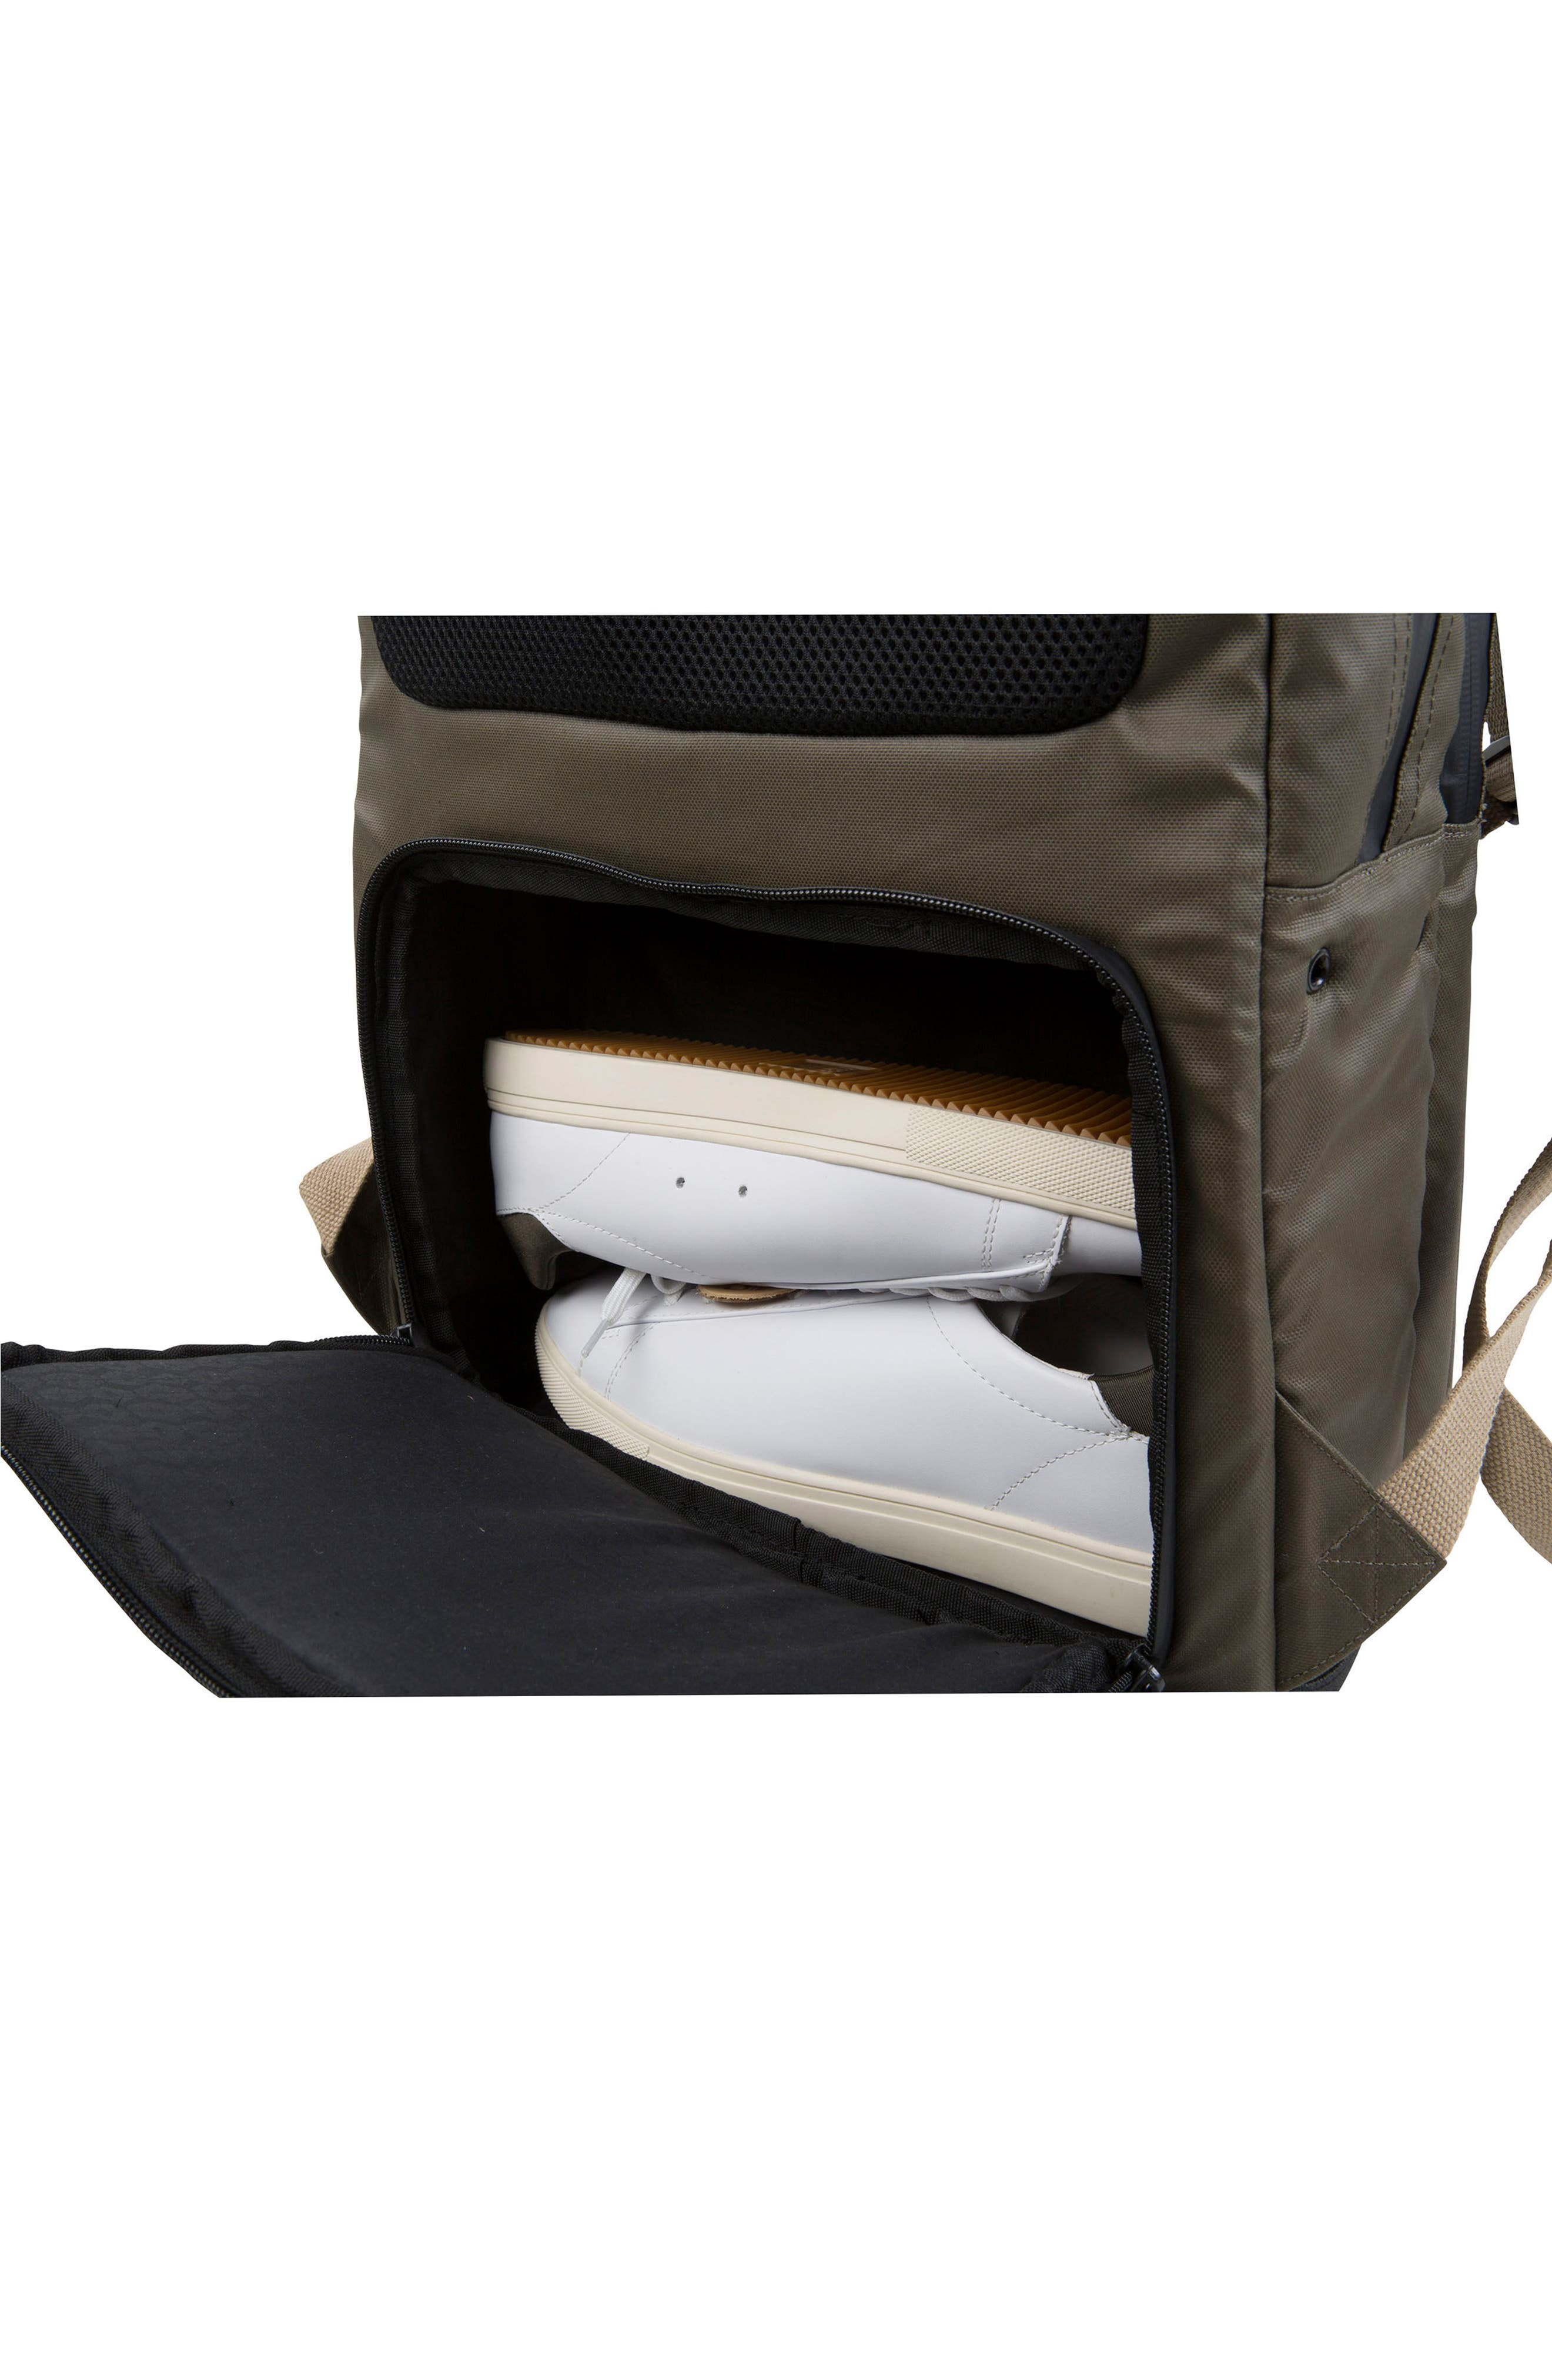 Sneaker Backpack,                             Alternate thumbnail 6, color,                             350